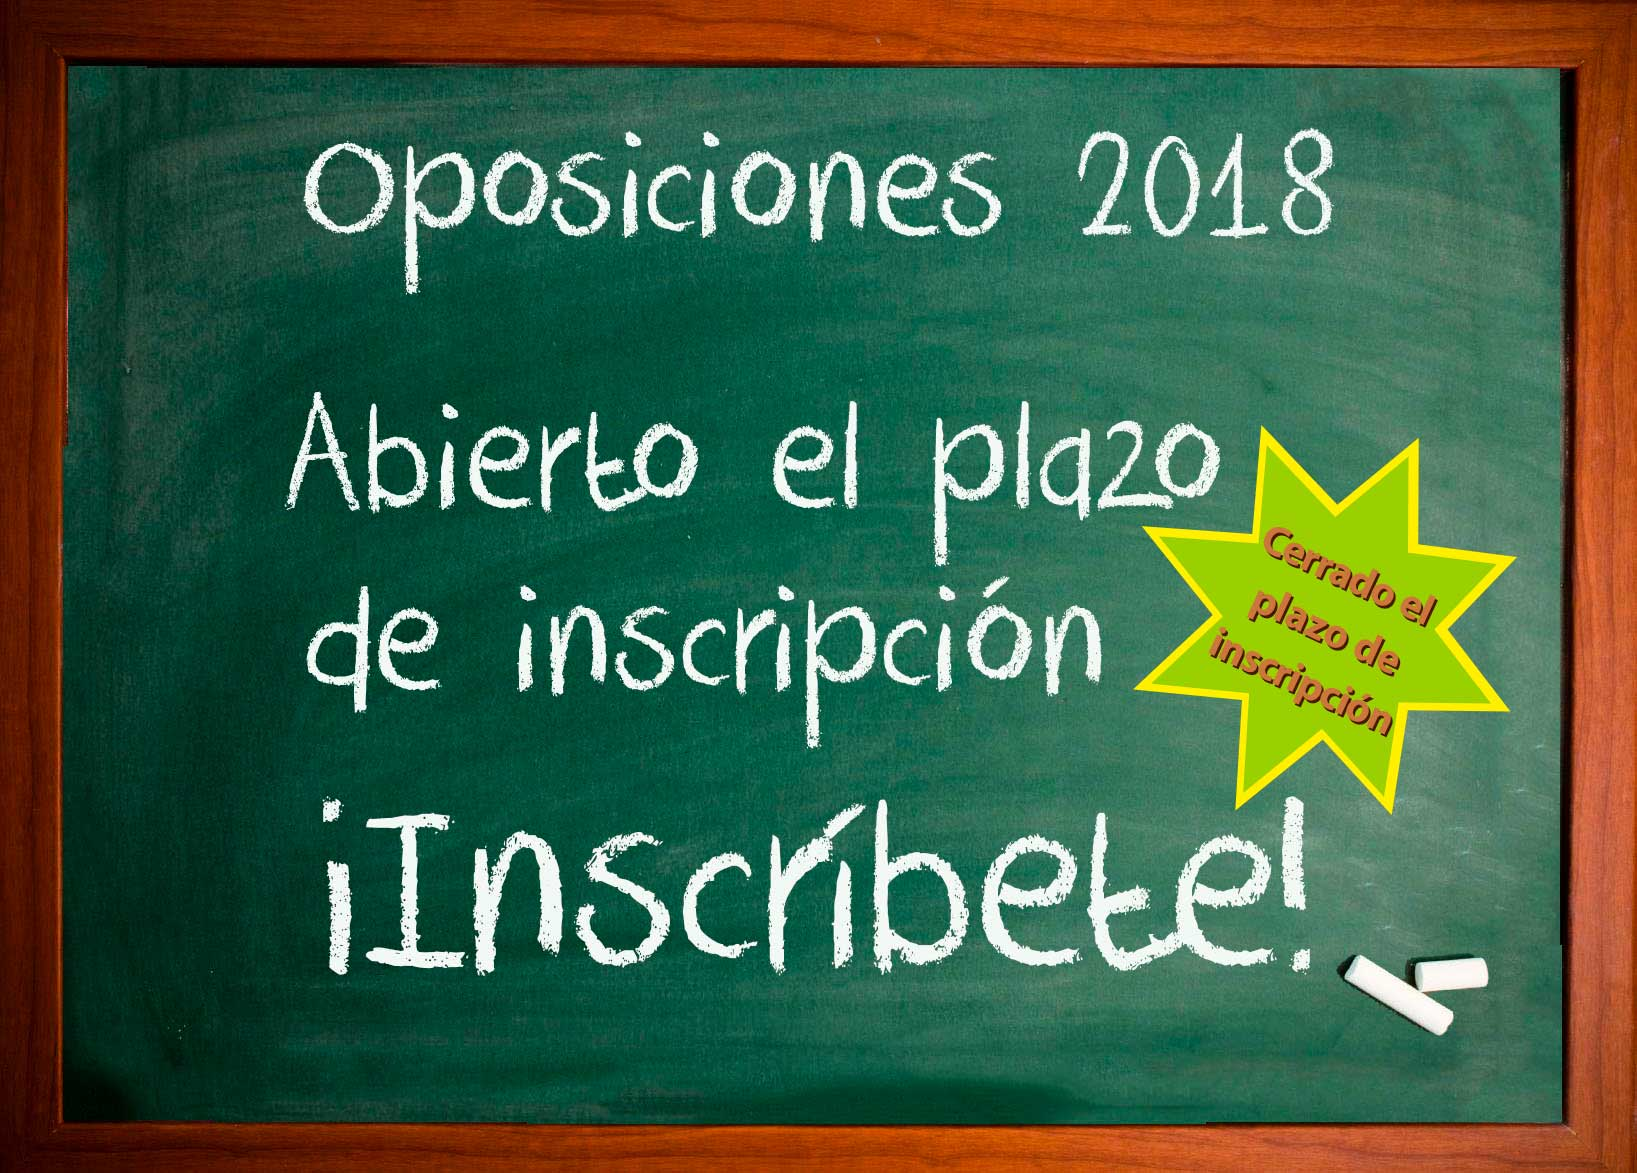 Oposiciones 2018 for Muface oficina virtual